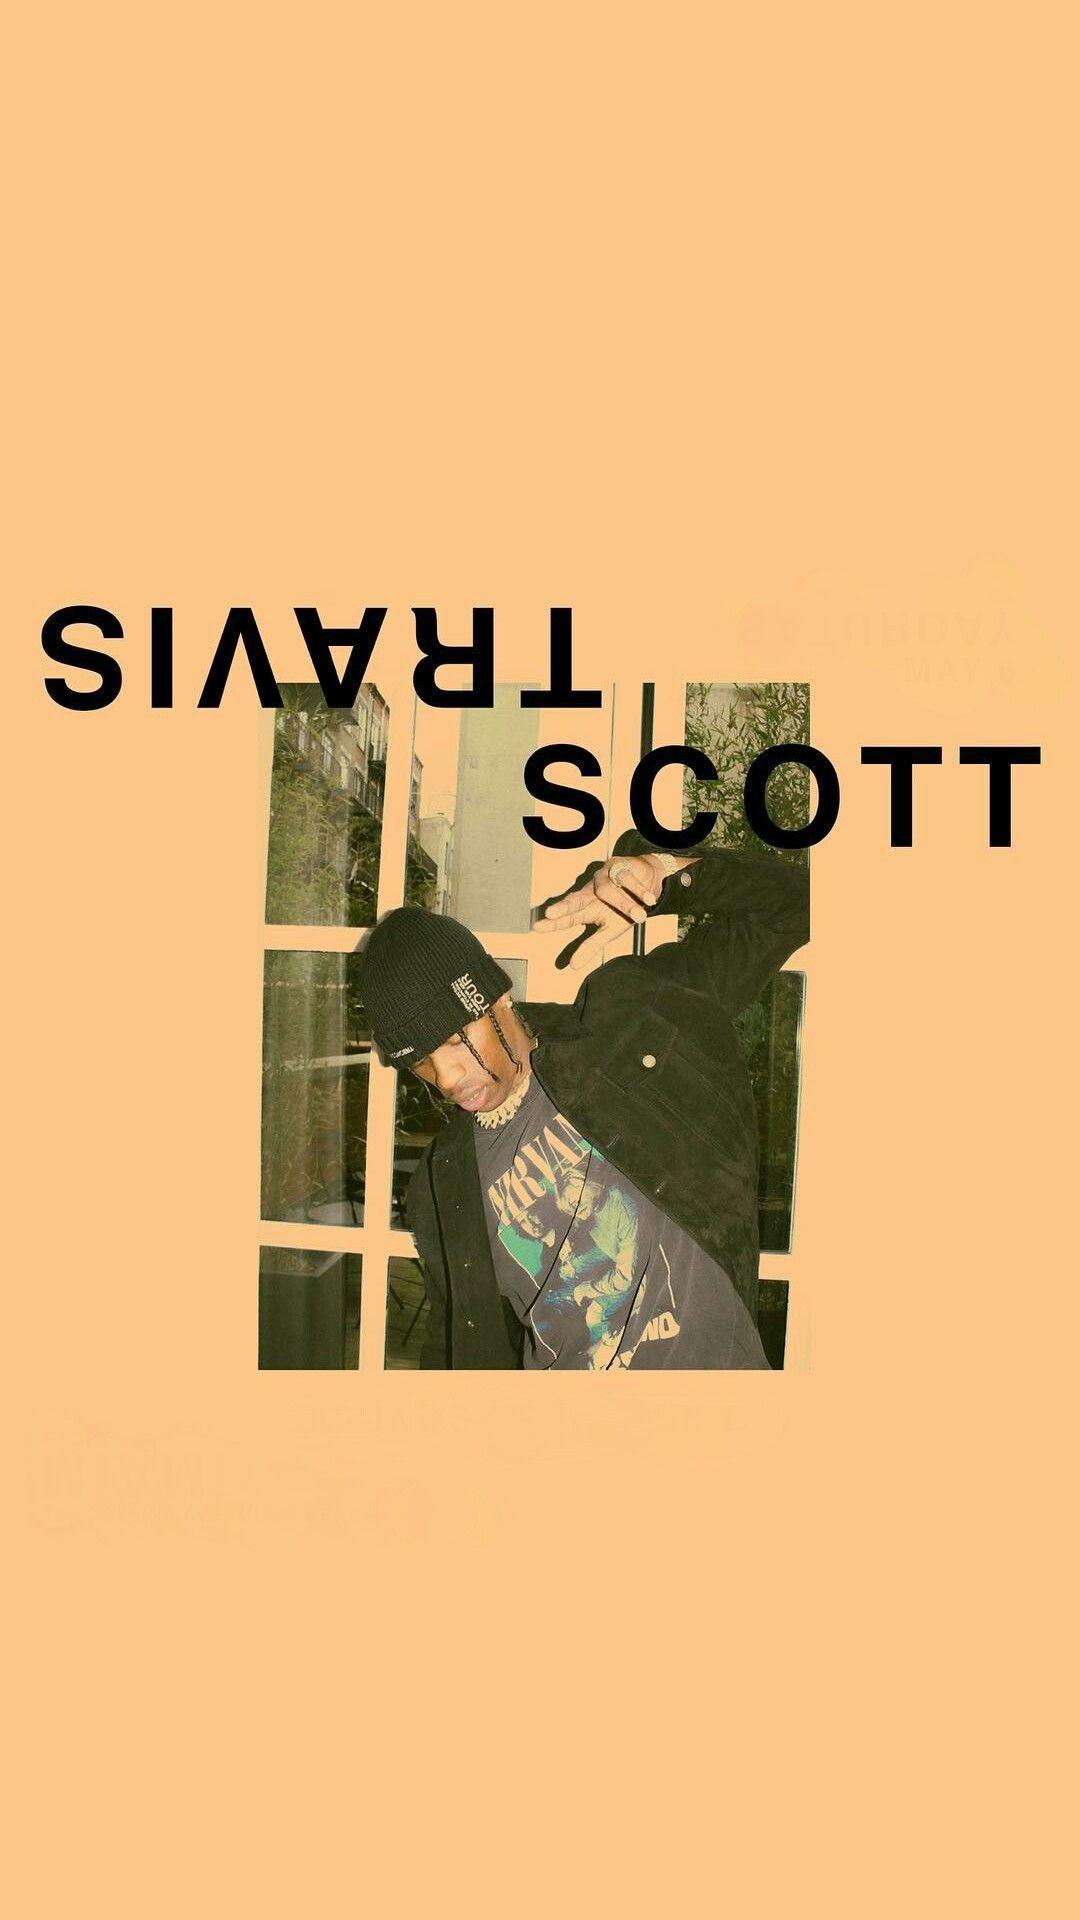 Astroworld Travis Scott iphone